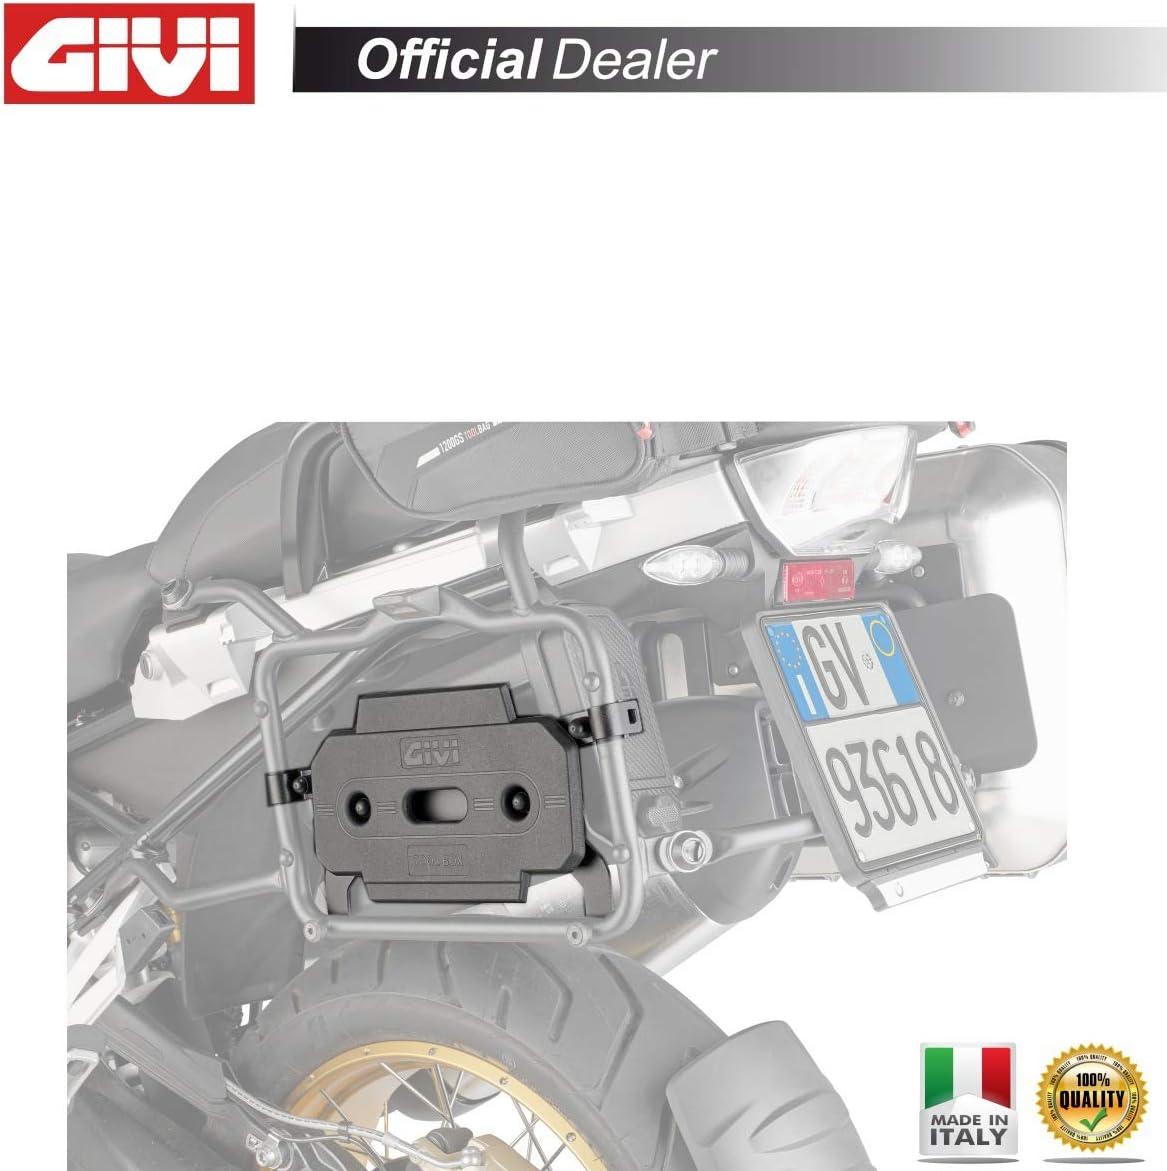 Kit Specif X Fissare S250 Su Auto